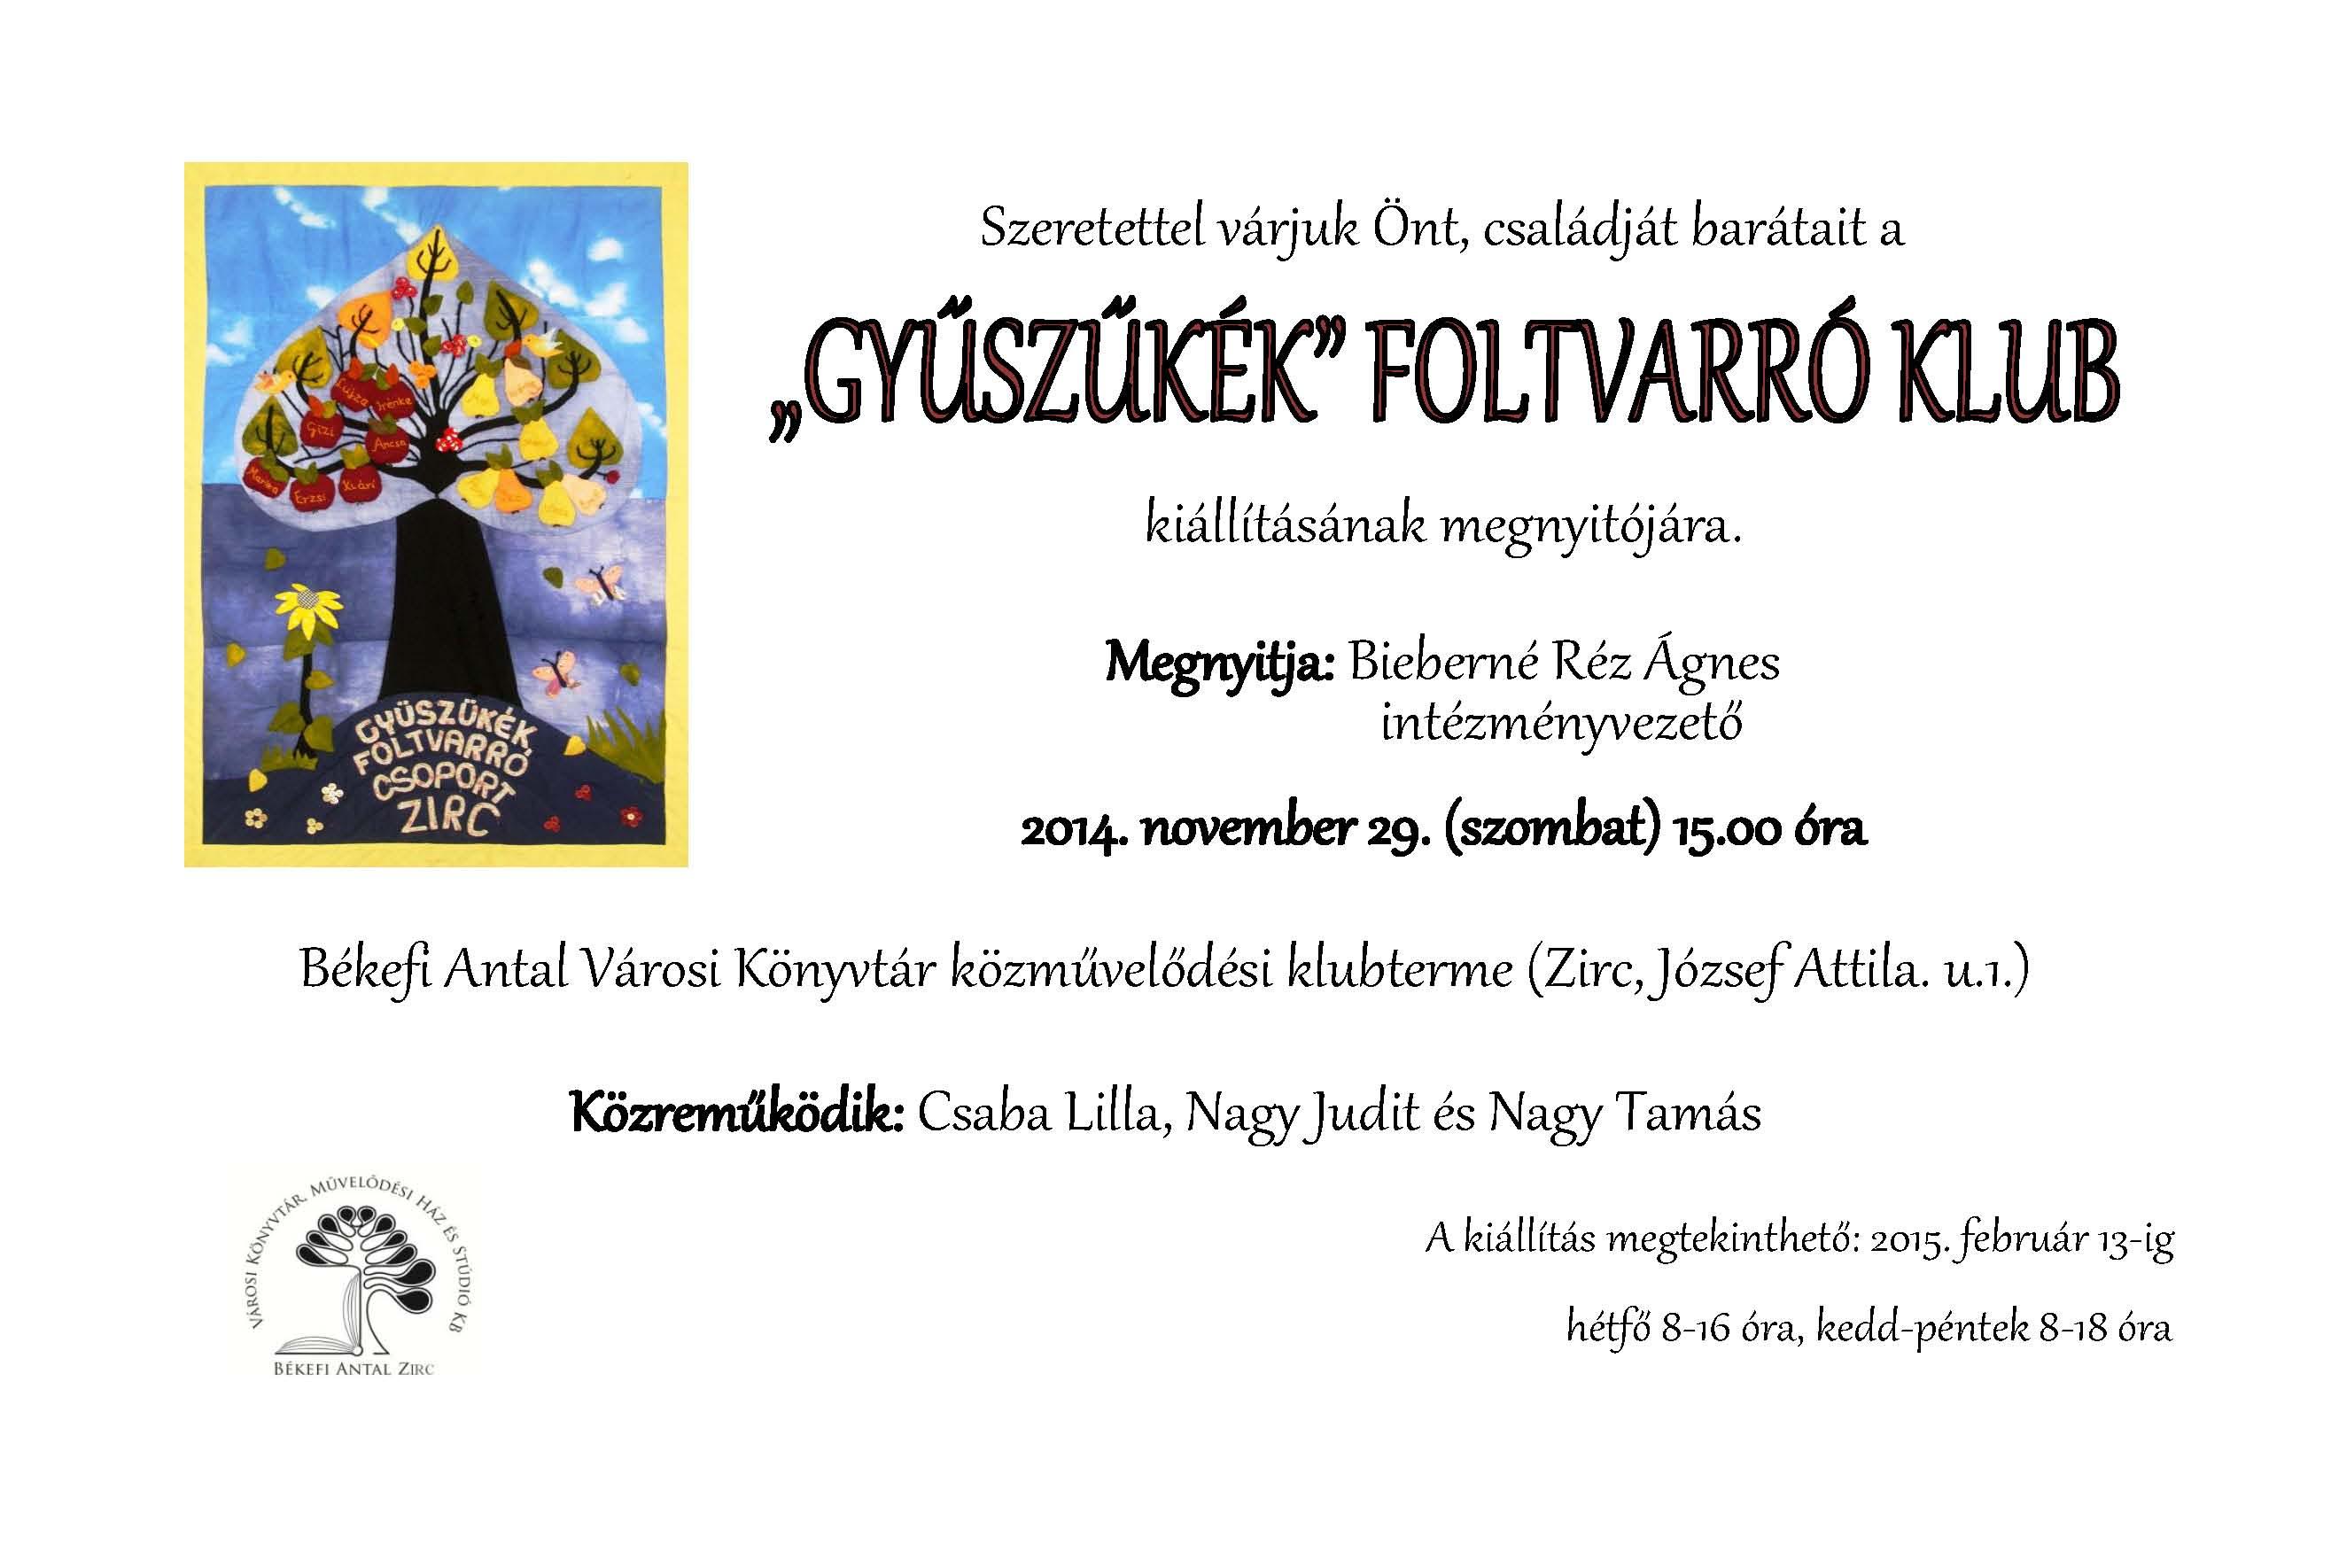 14-11-29 Gyűszűkék Folvarró Klub.jpg